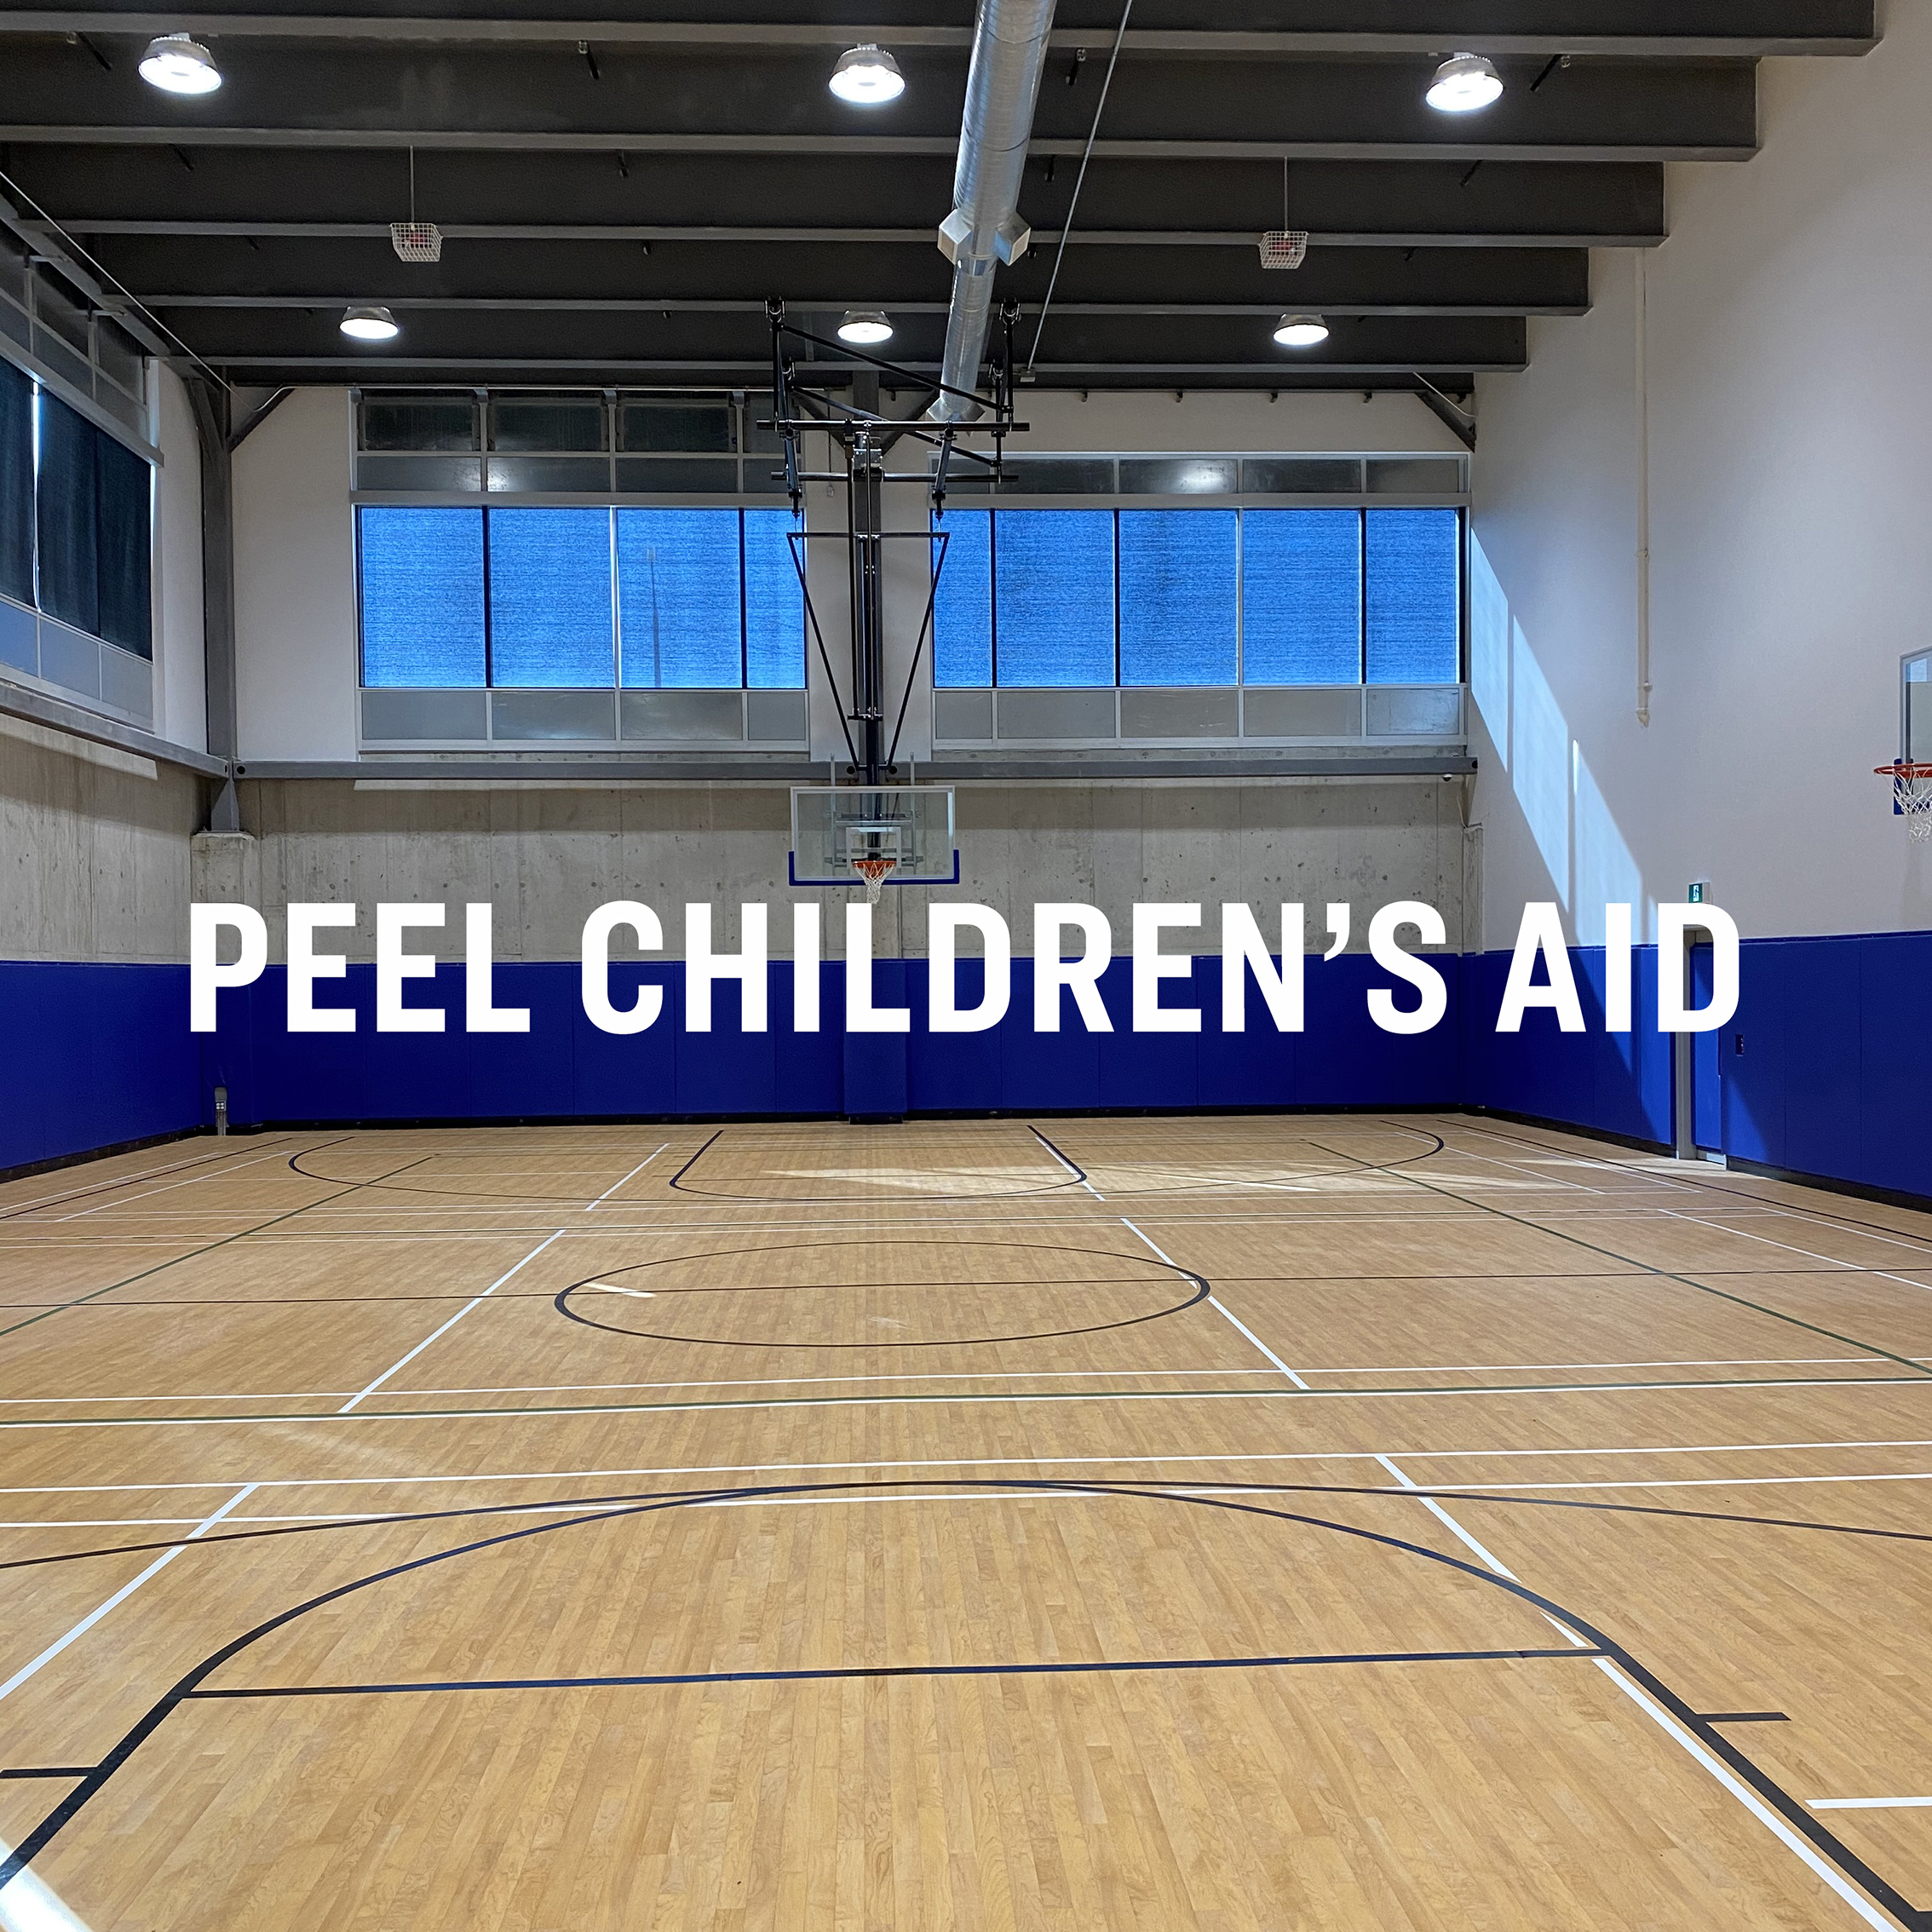 Peel Children's Aid